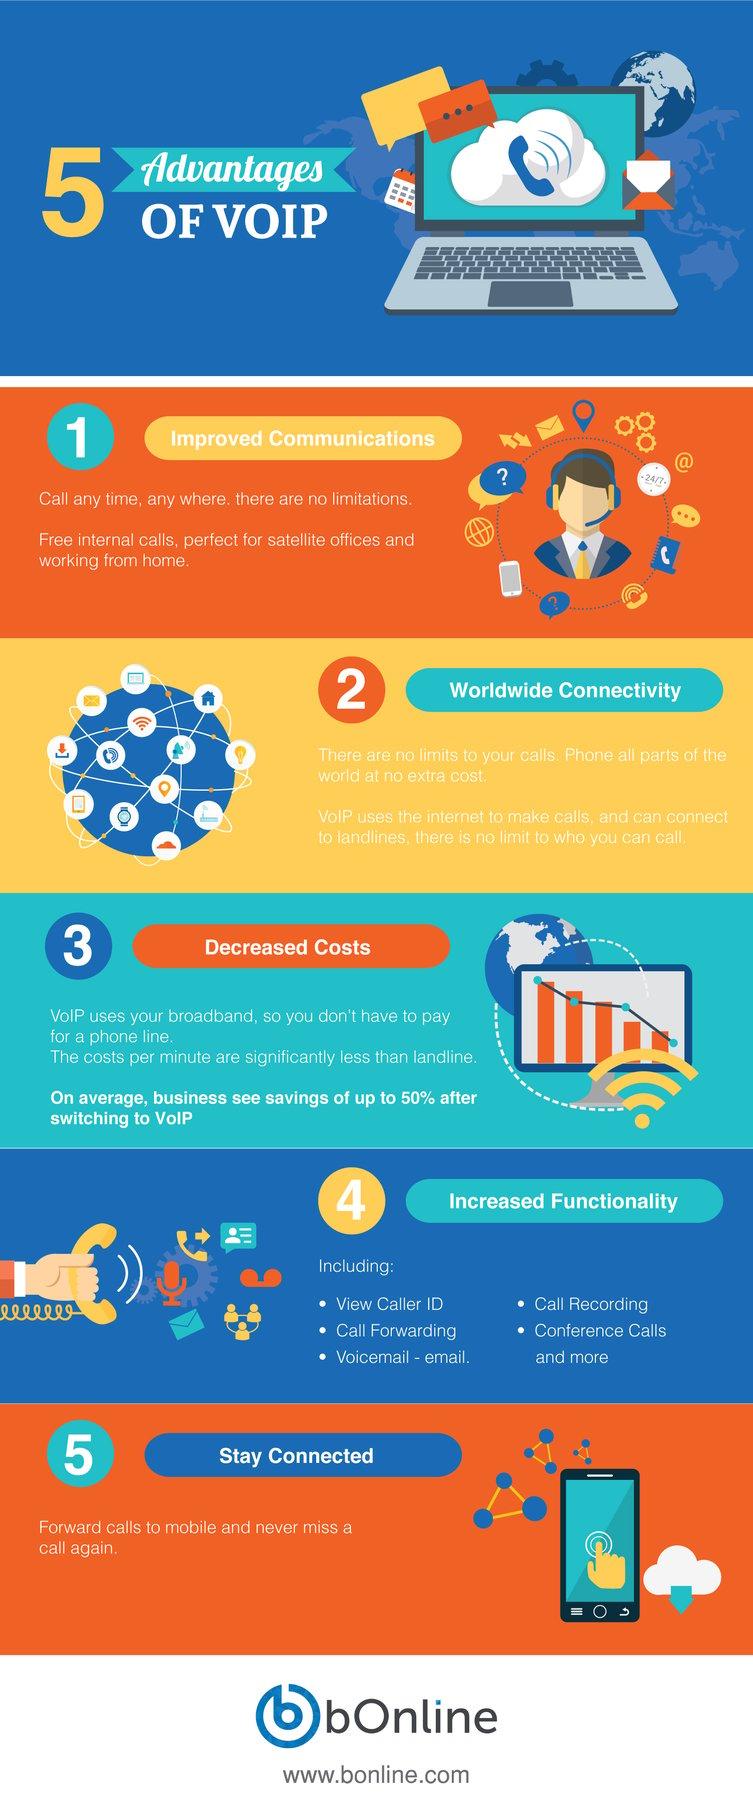 5-advantages-of-VoIP